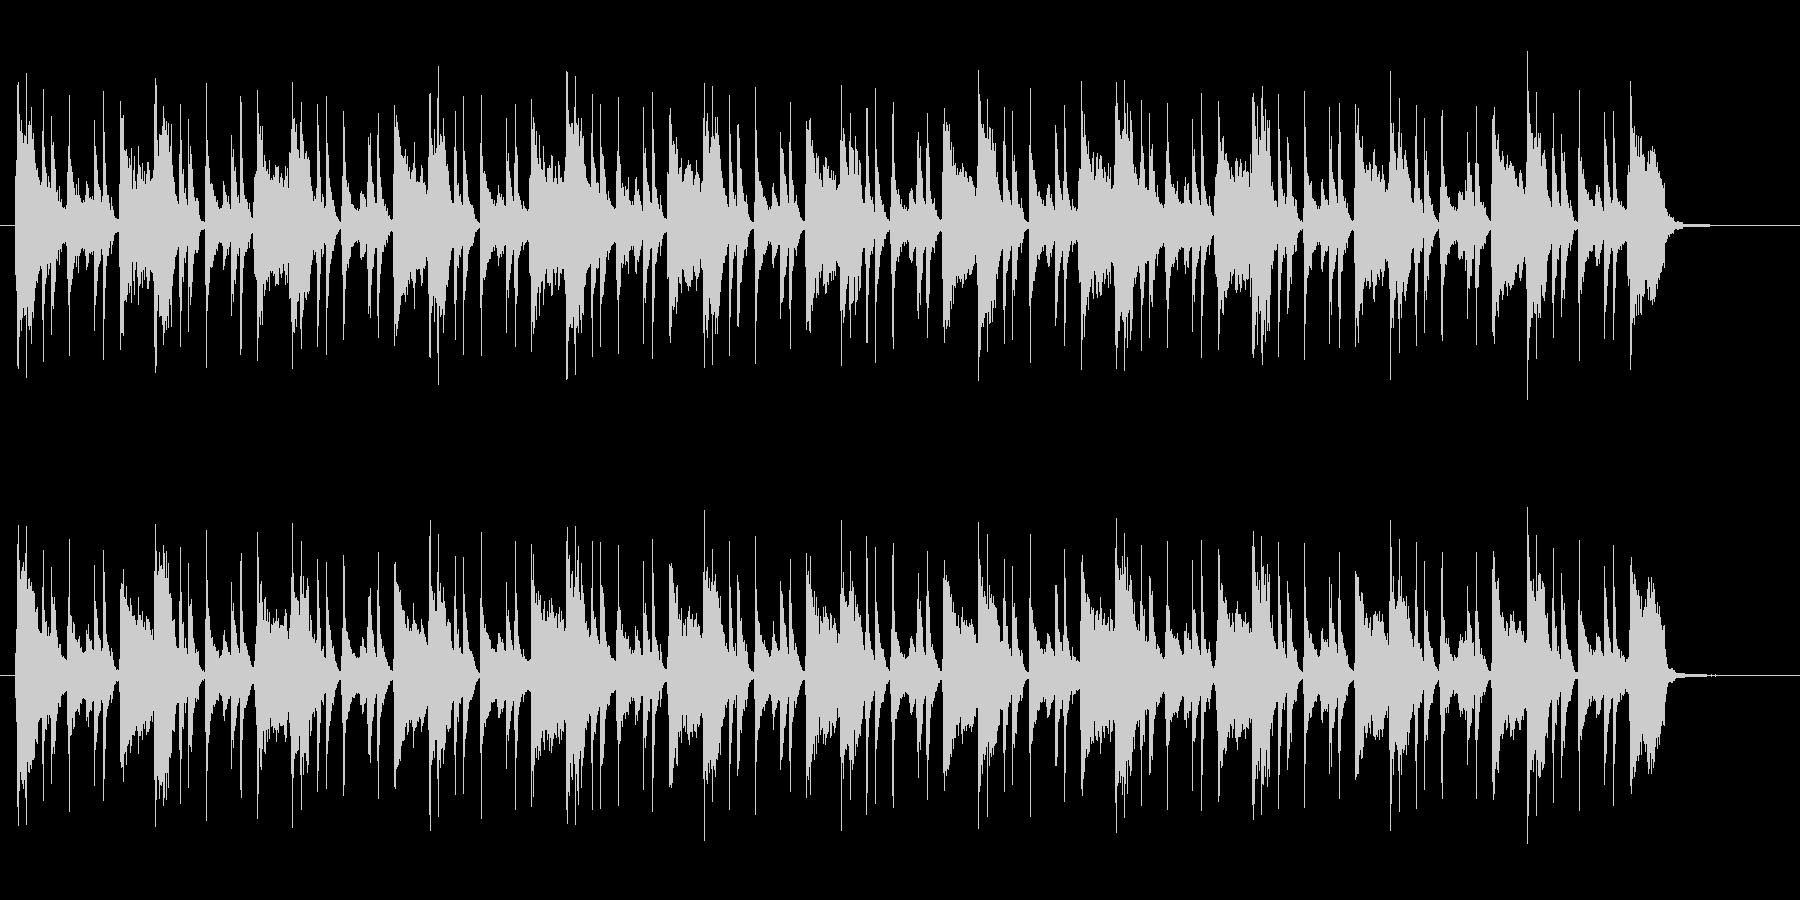 ファンクっぽい爽やかな曲の未再生の波形